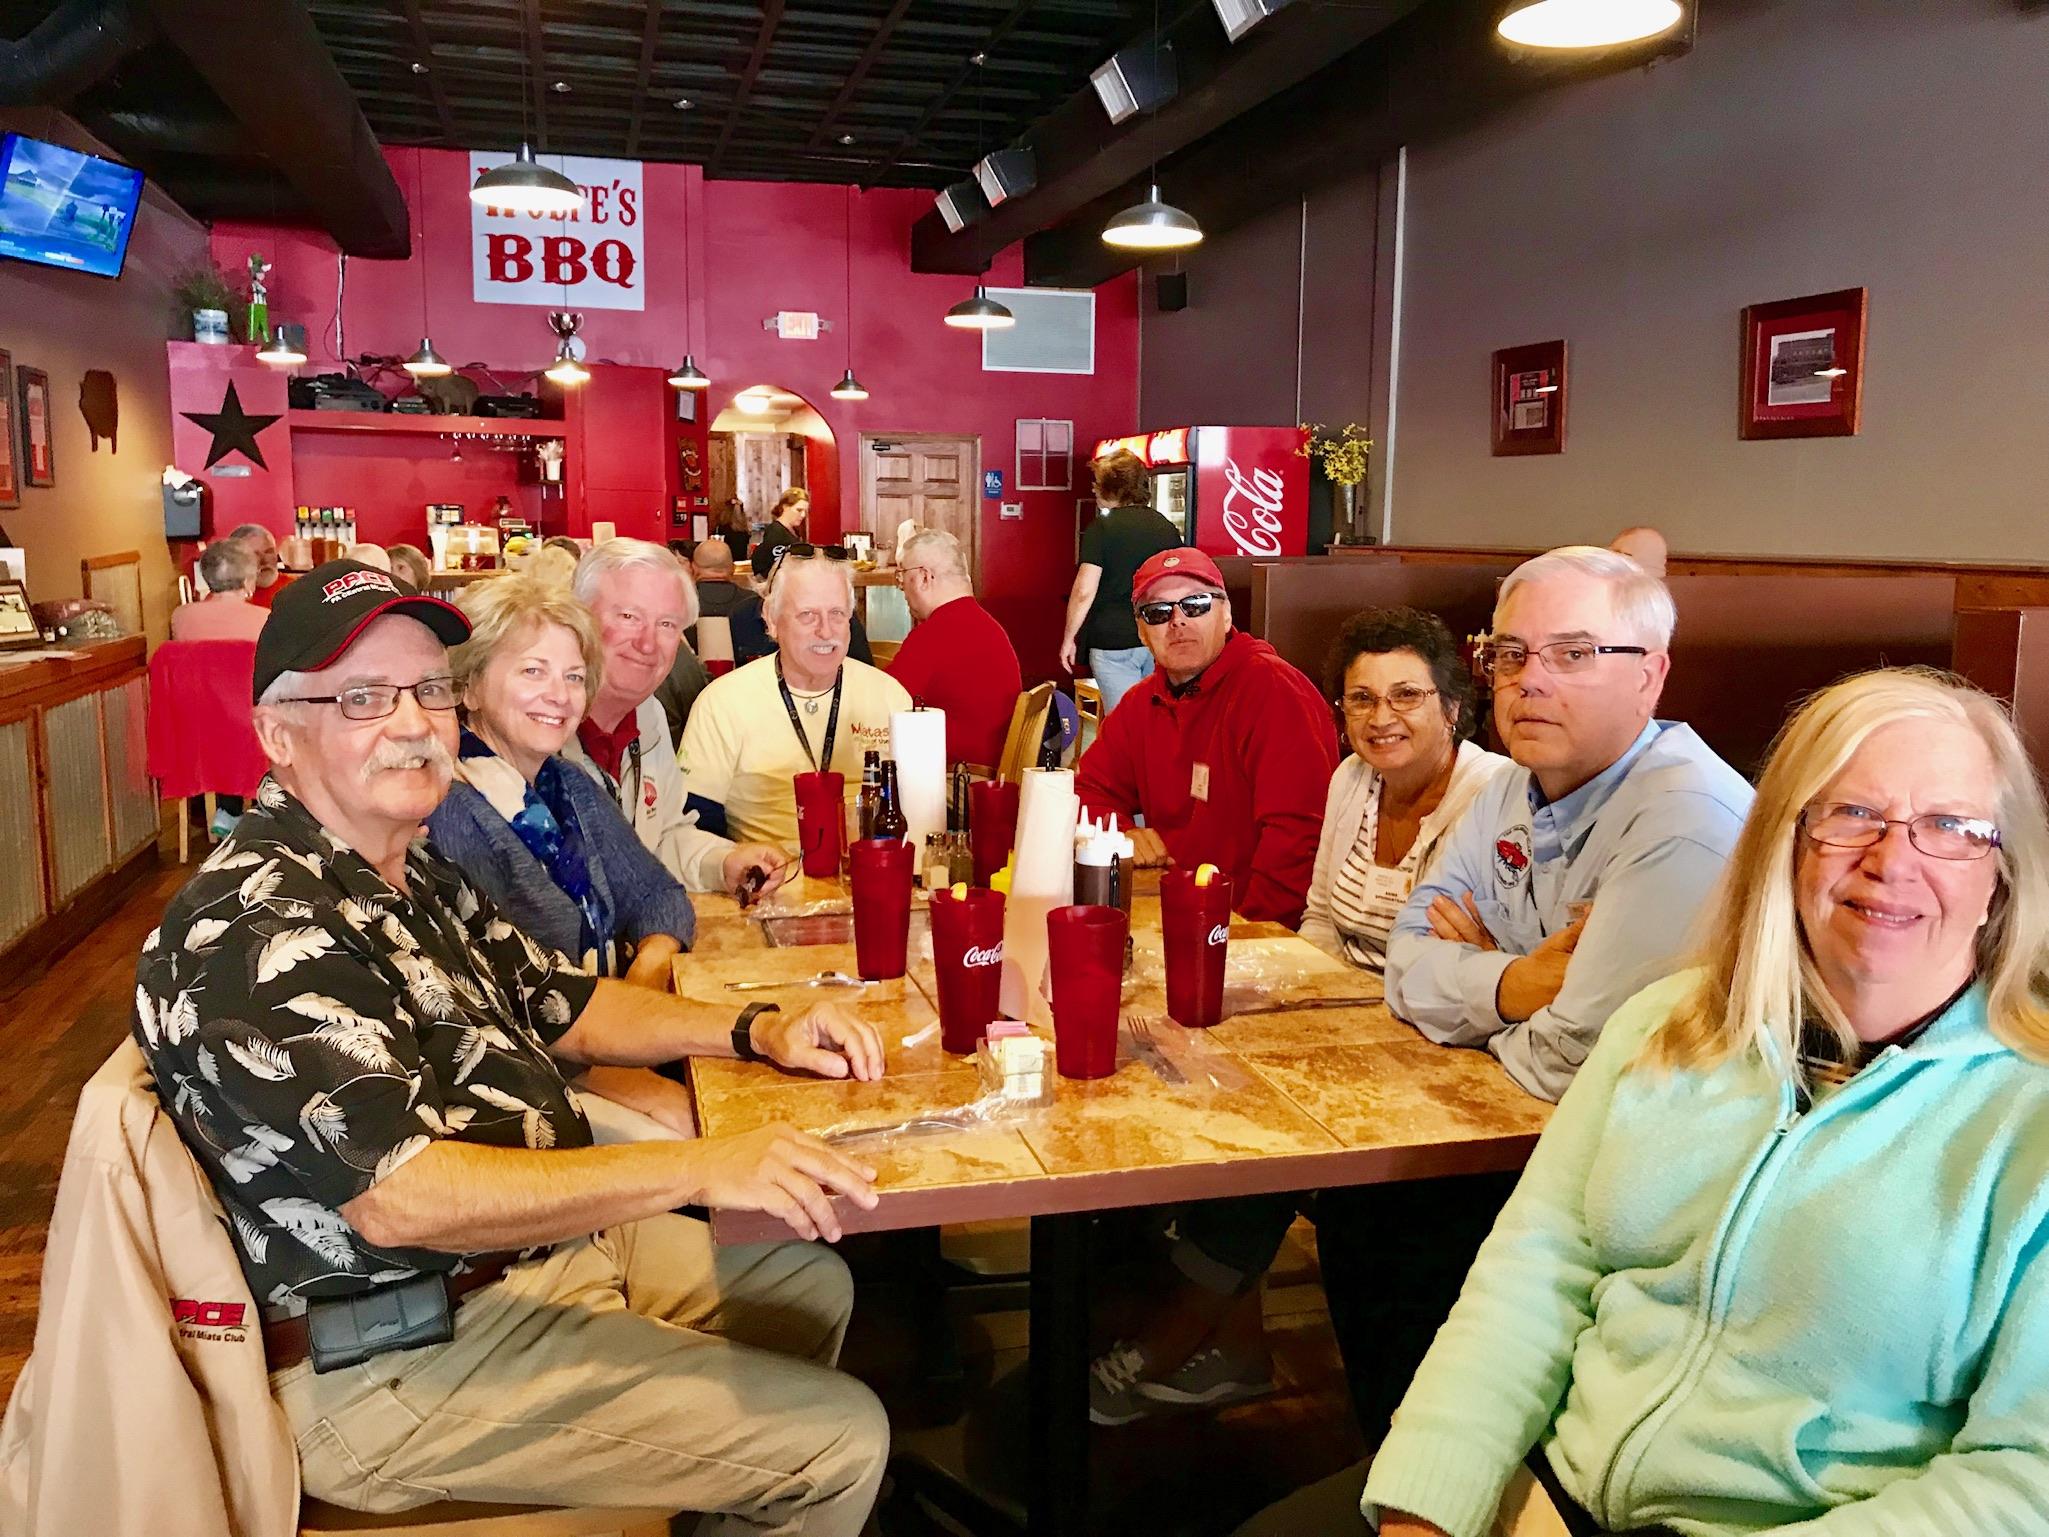 Lunch at Wolfe's BBQ. Clockwise from left: John Boyer, Sharon Rimmler, Bill Rimmler, Ken Ingram, Tracy Brown, Anne Springstead, Curt Springstead, Pat Boyer.